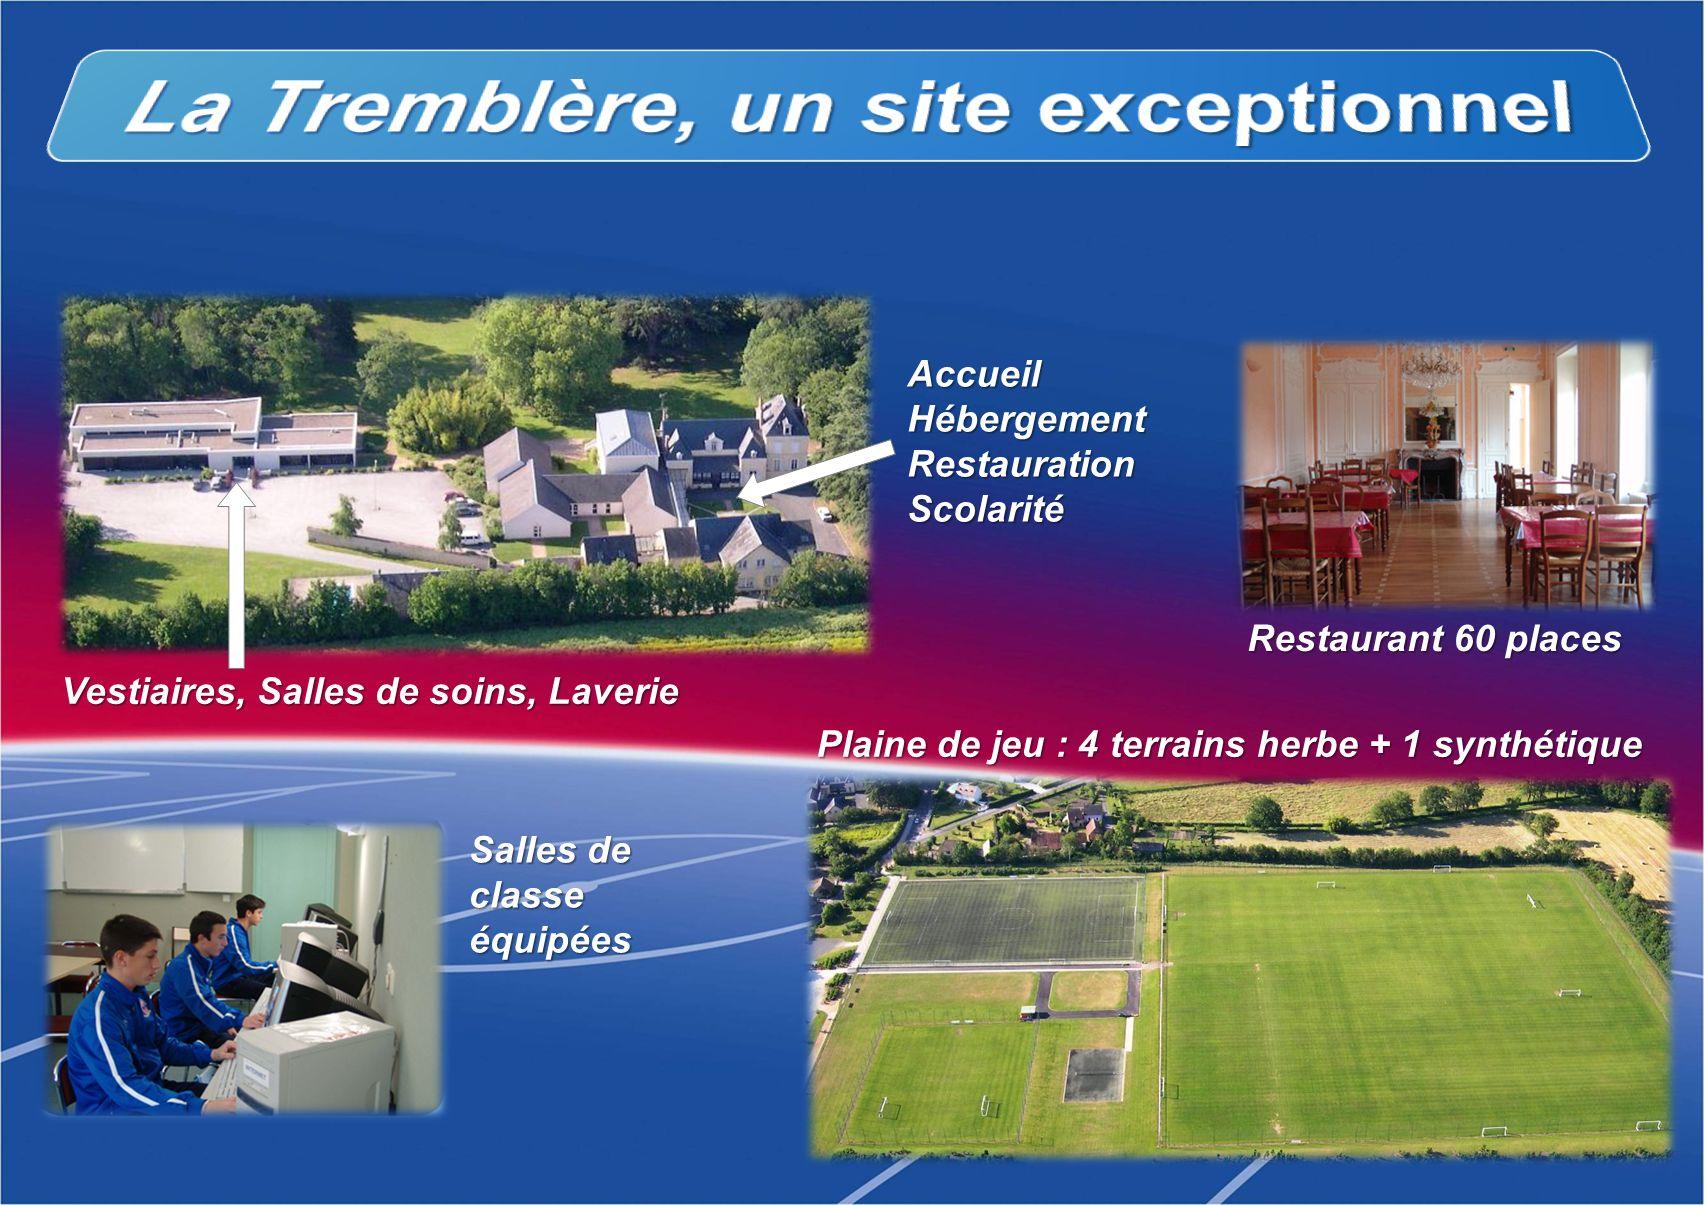 La Tremblère, un site exceptionnel